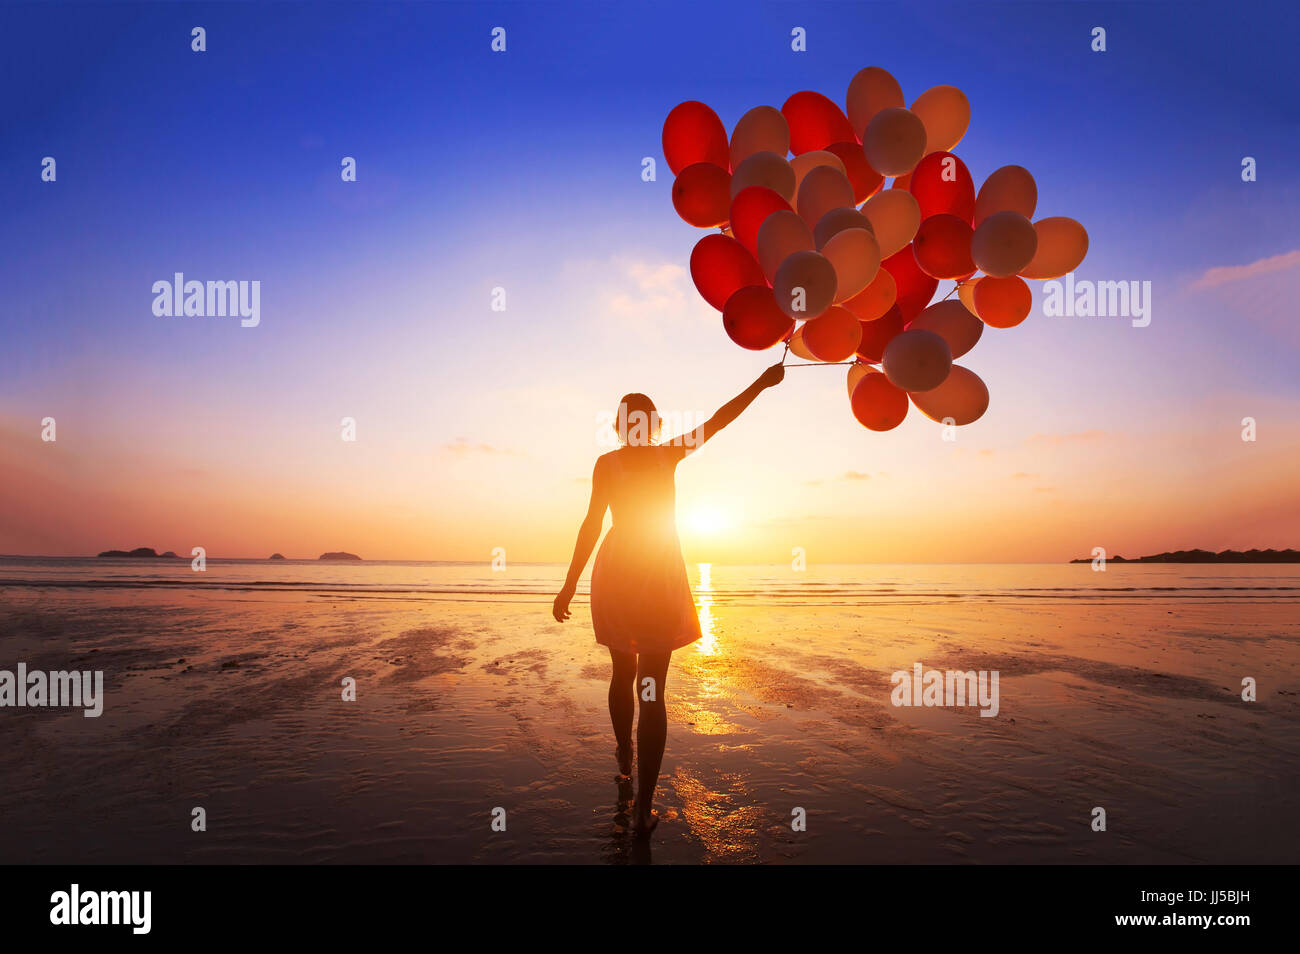 Inspiración, alegría y felicidad en concepto, silueta de mujer con muchos globos volando en la playa Imagen De Stock